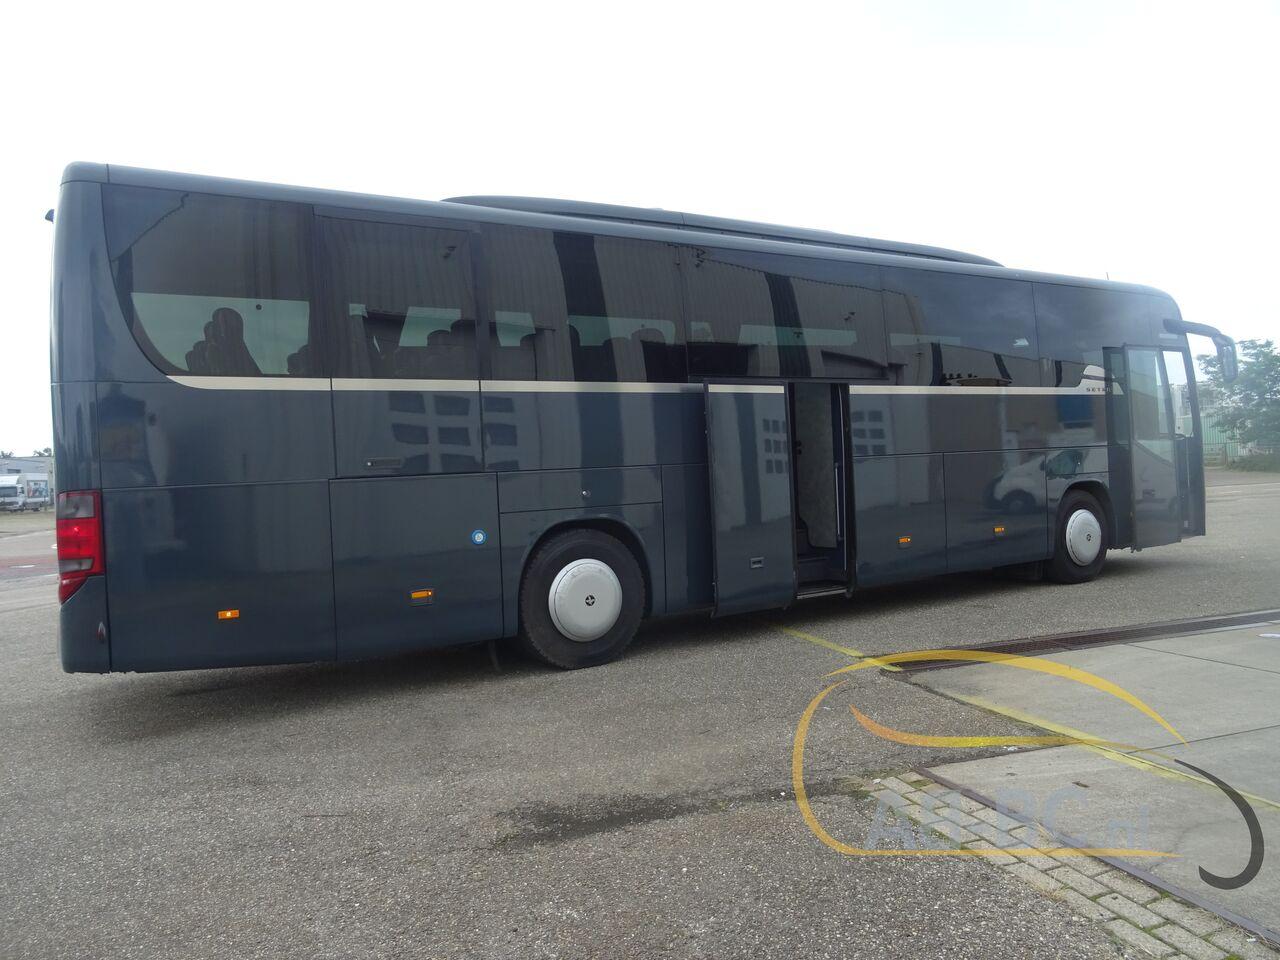 coach-busSETRA-S415-GT-HD-FINAL-EDITION---1627456955620716186_big_05eef85f318a41f22ff241880eda547c--21050713010665719300